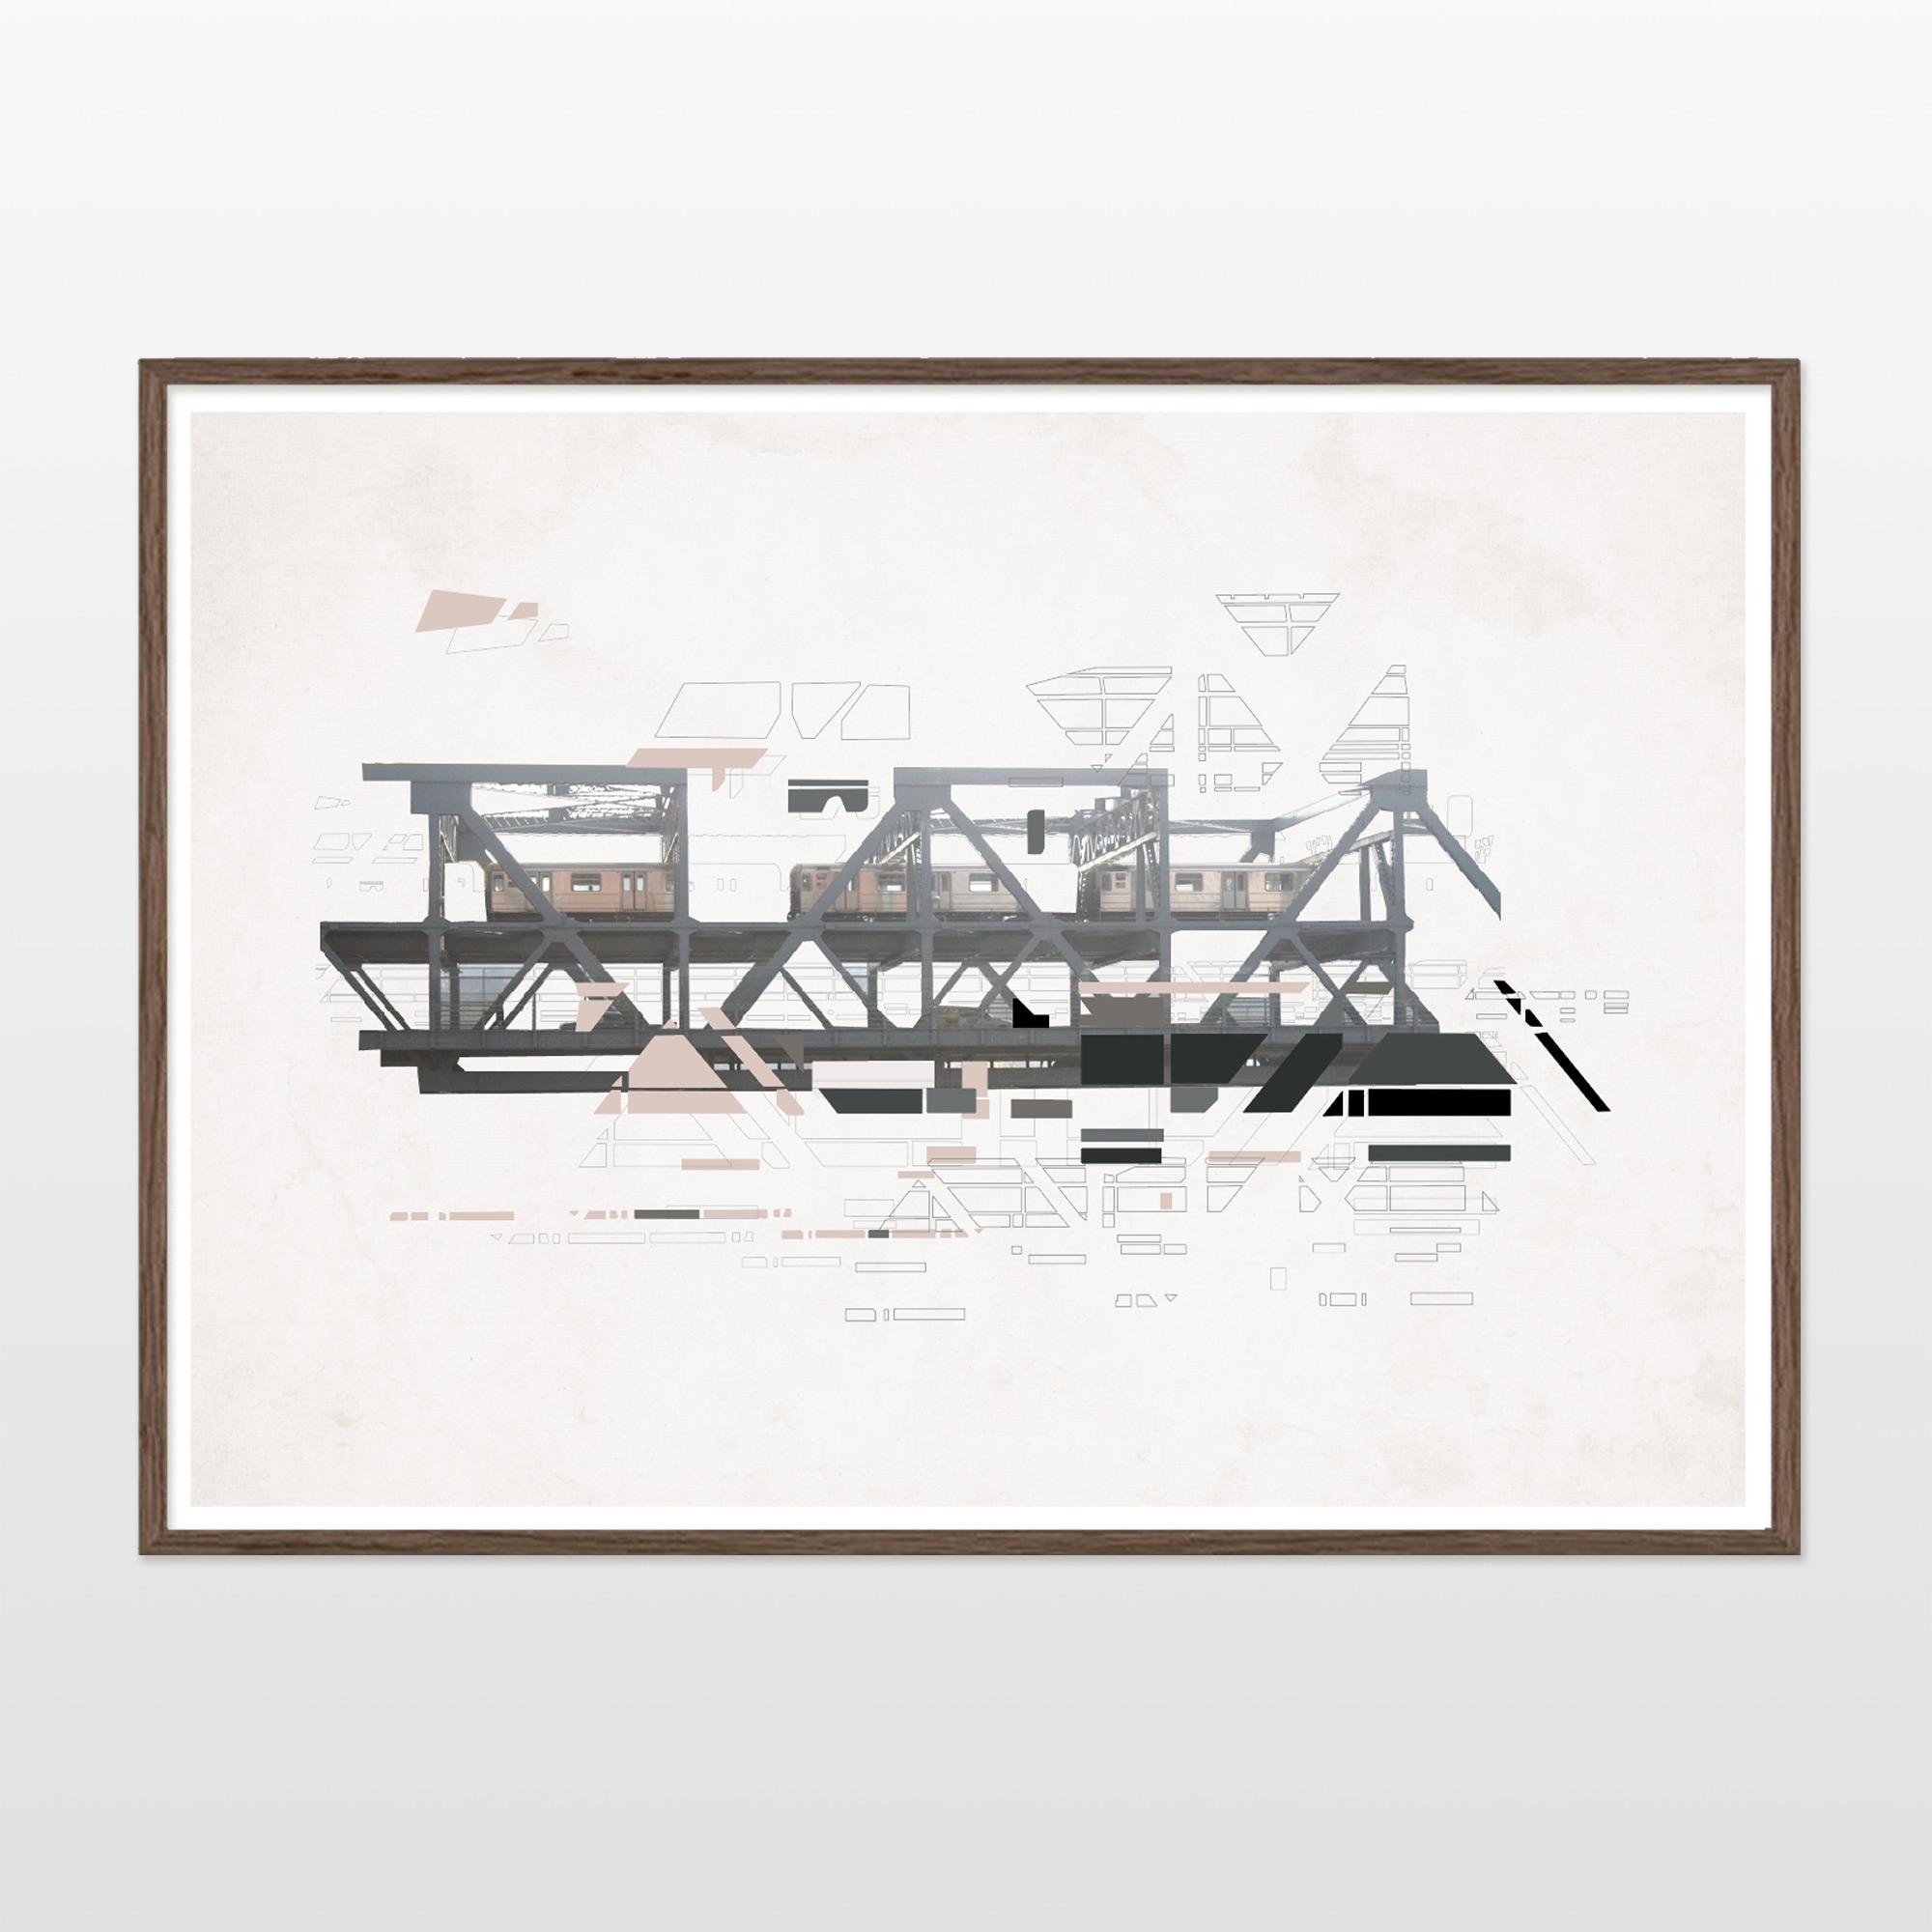 plakater-posters-kunsttryk, fotografier, new-media, æstetiske, geometriske, grafiske, minimalistiske, still-life, arkitektur, bevægelse, teknologi, transportmidler, beige, brune, grå, røde, gule, blæk, papir, abstrakte-former, arkitektoniske, smukke, bygninger, samtidskunst, københavn, dansk, dekorative, design, vandret, interiør, bolig-indretning, nordisk, Køb original kunst og kunstplakater. Malerier, tegninger, limited edition kunsttryk & plakater af dygtige kunstnere.